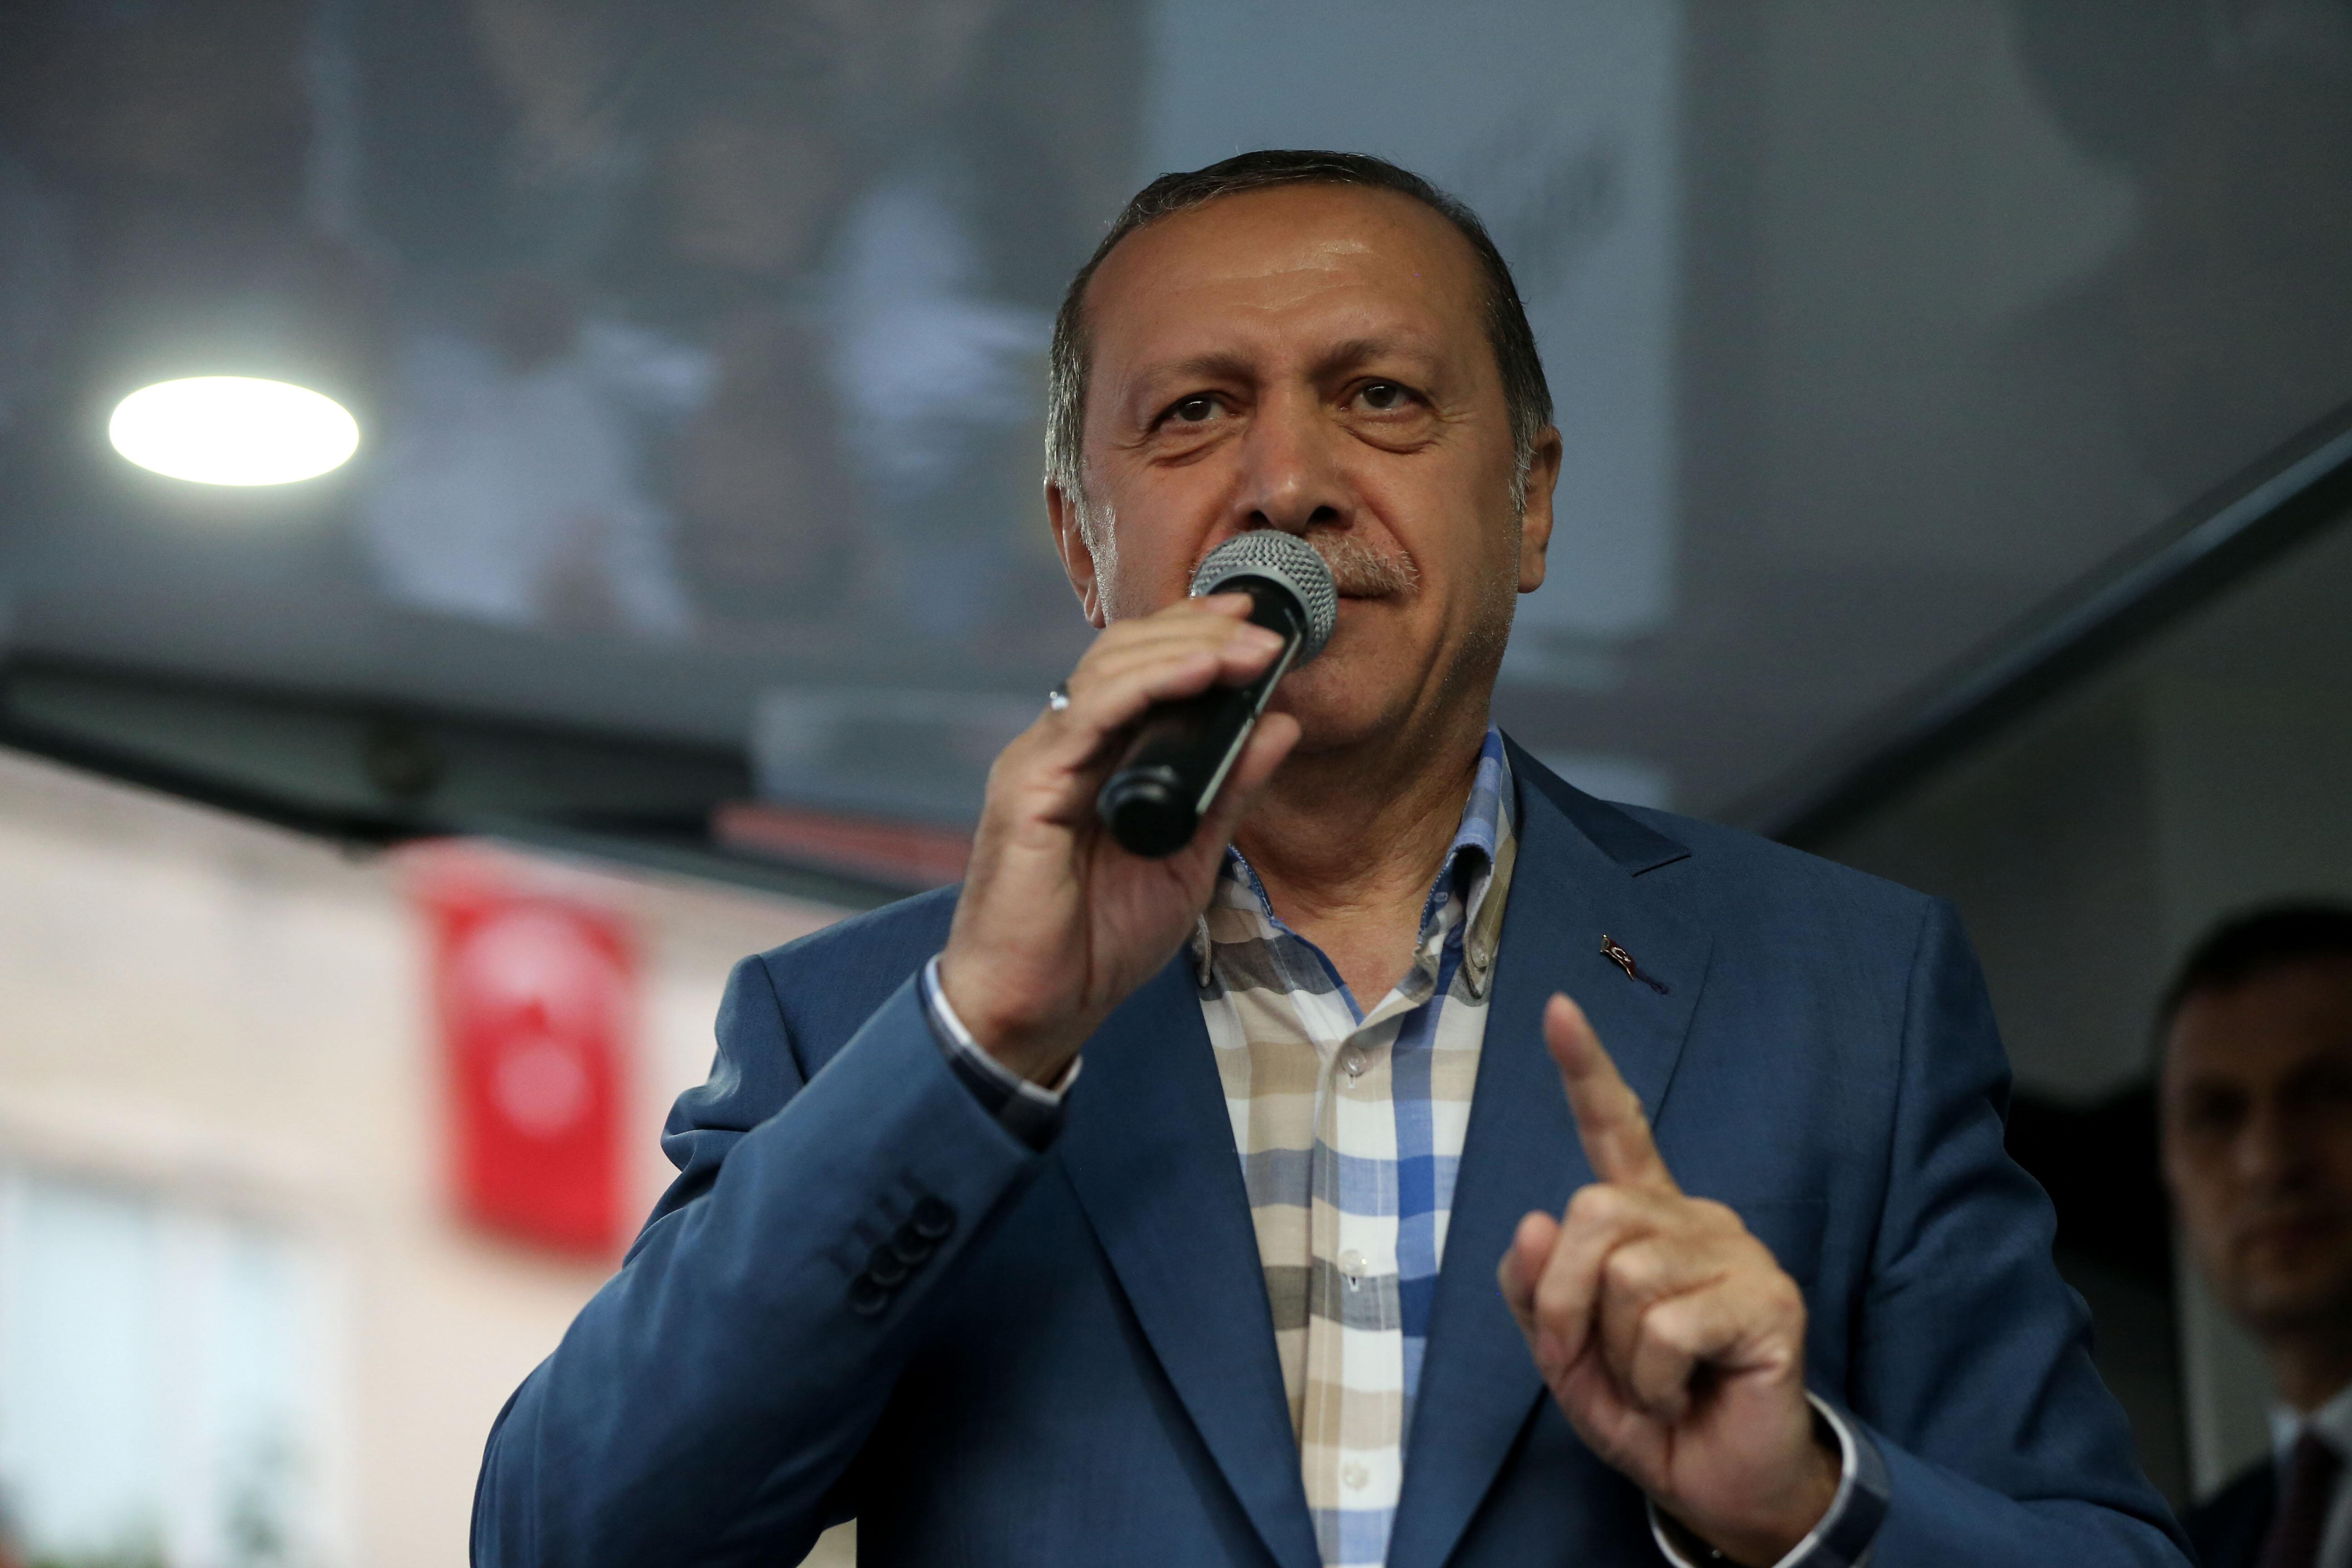 Cumhurbaşkanı Recep Tayyip Erdoğan, konuşmasını şöyle sürdürdü: